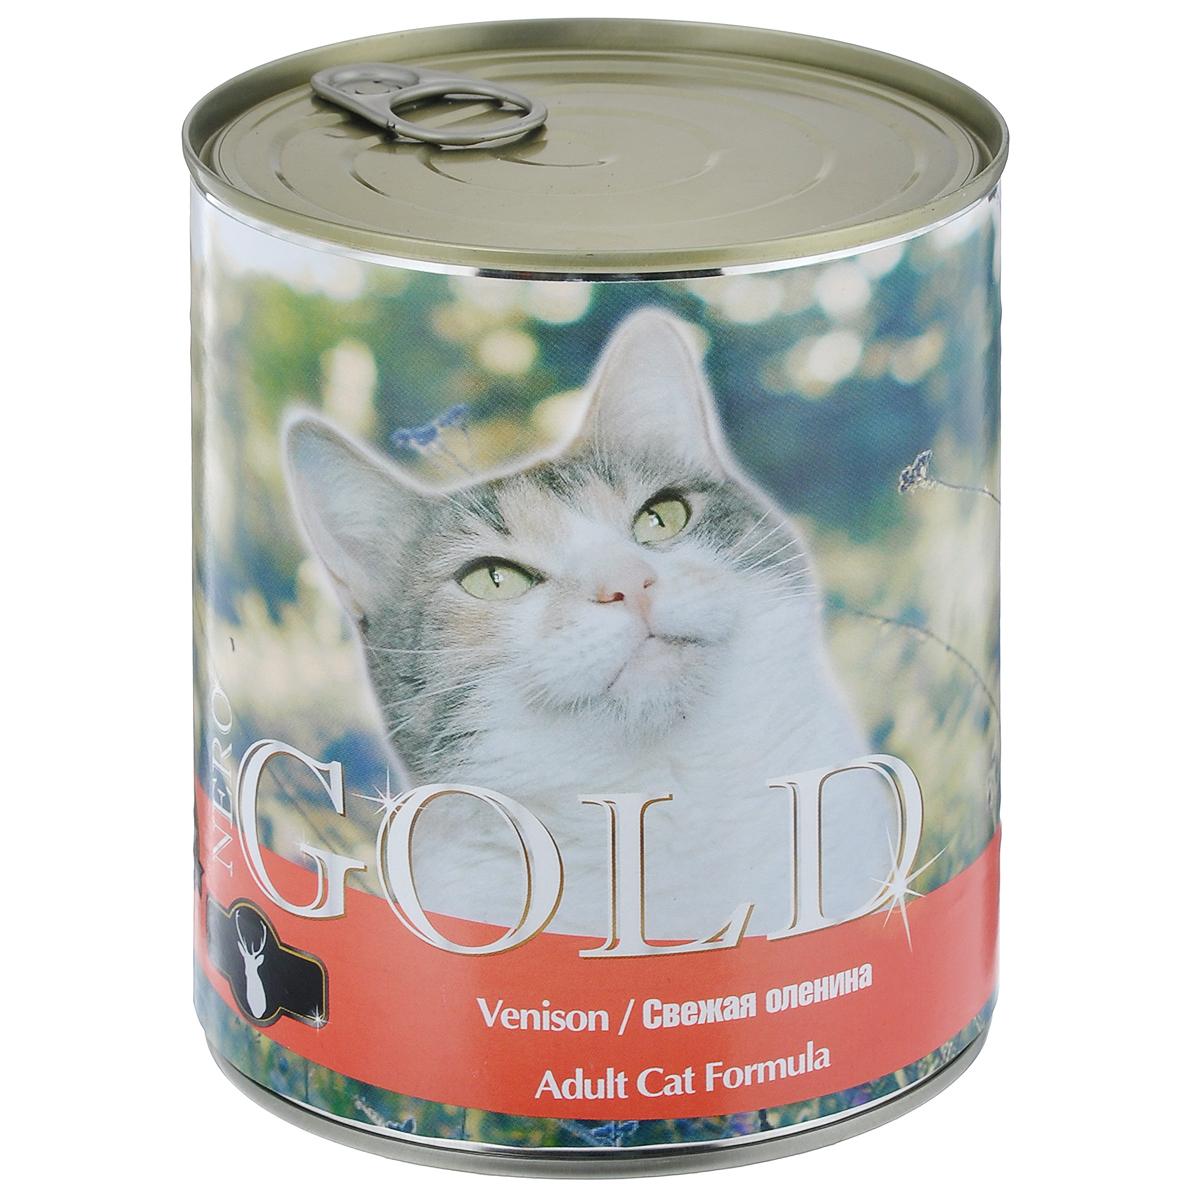 Консервы для кошек Nero Gold, свежая оленина, 810 г24485Консервы для кошек Nero Gold - полнорационный продукт, содержащий все необходимые витамины и минералы, сбалансированный для поддержания оптимального здоровья вашего питомца! Состав: мясо и его производные, филе курицы, оленина, злаки, витамины и минералы. Гарантированный анализ: белки 6%, жиры 4,5%, клетчатка 0,5%, зола 2%, влага 81%. Пищевые добавки на 1 кг продукта: витамин А 1600 МЕ, витамин D 140 МЕ, витамин Е 10 МЕ, таурин 300 мг, железо 24 мг, марганец 6 мг, цинк 15 мг, медь 1 мг, магний 200 мг, йод 0,3 мг, селен 0,2 мг. Вес: 810 г. Товар сертифицирован.